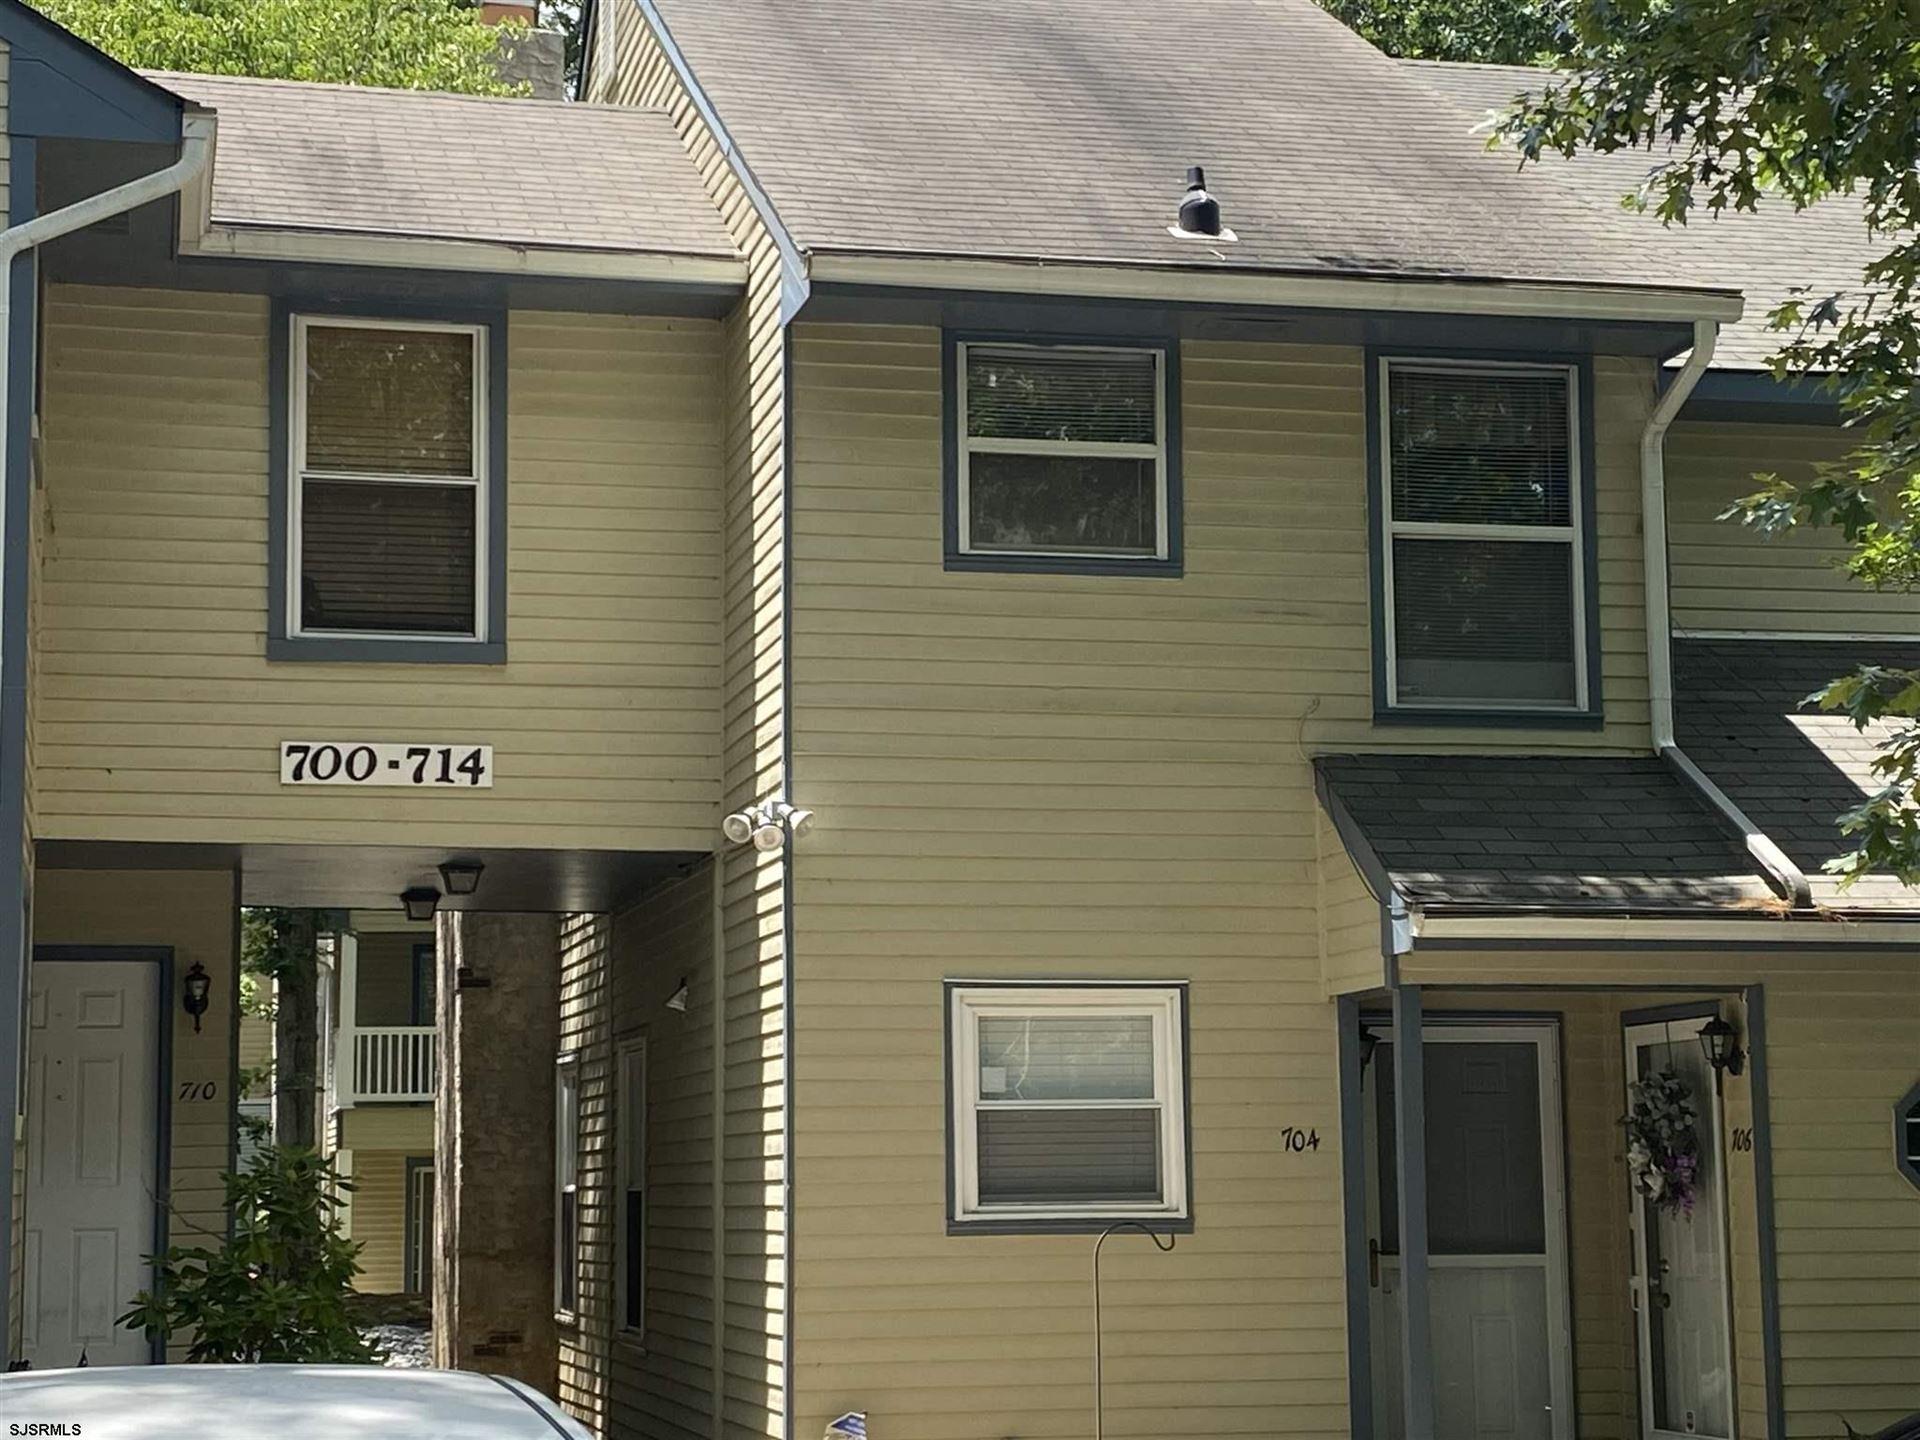 704 Fishers Creek, Galloway, NJ 08205 - #: 551857